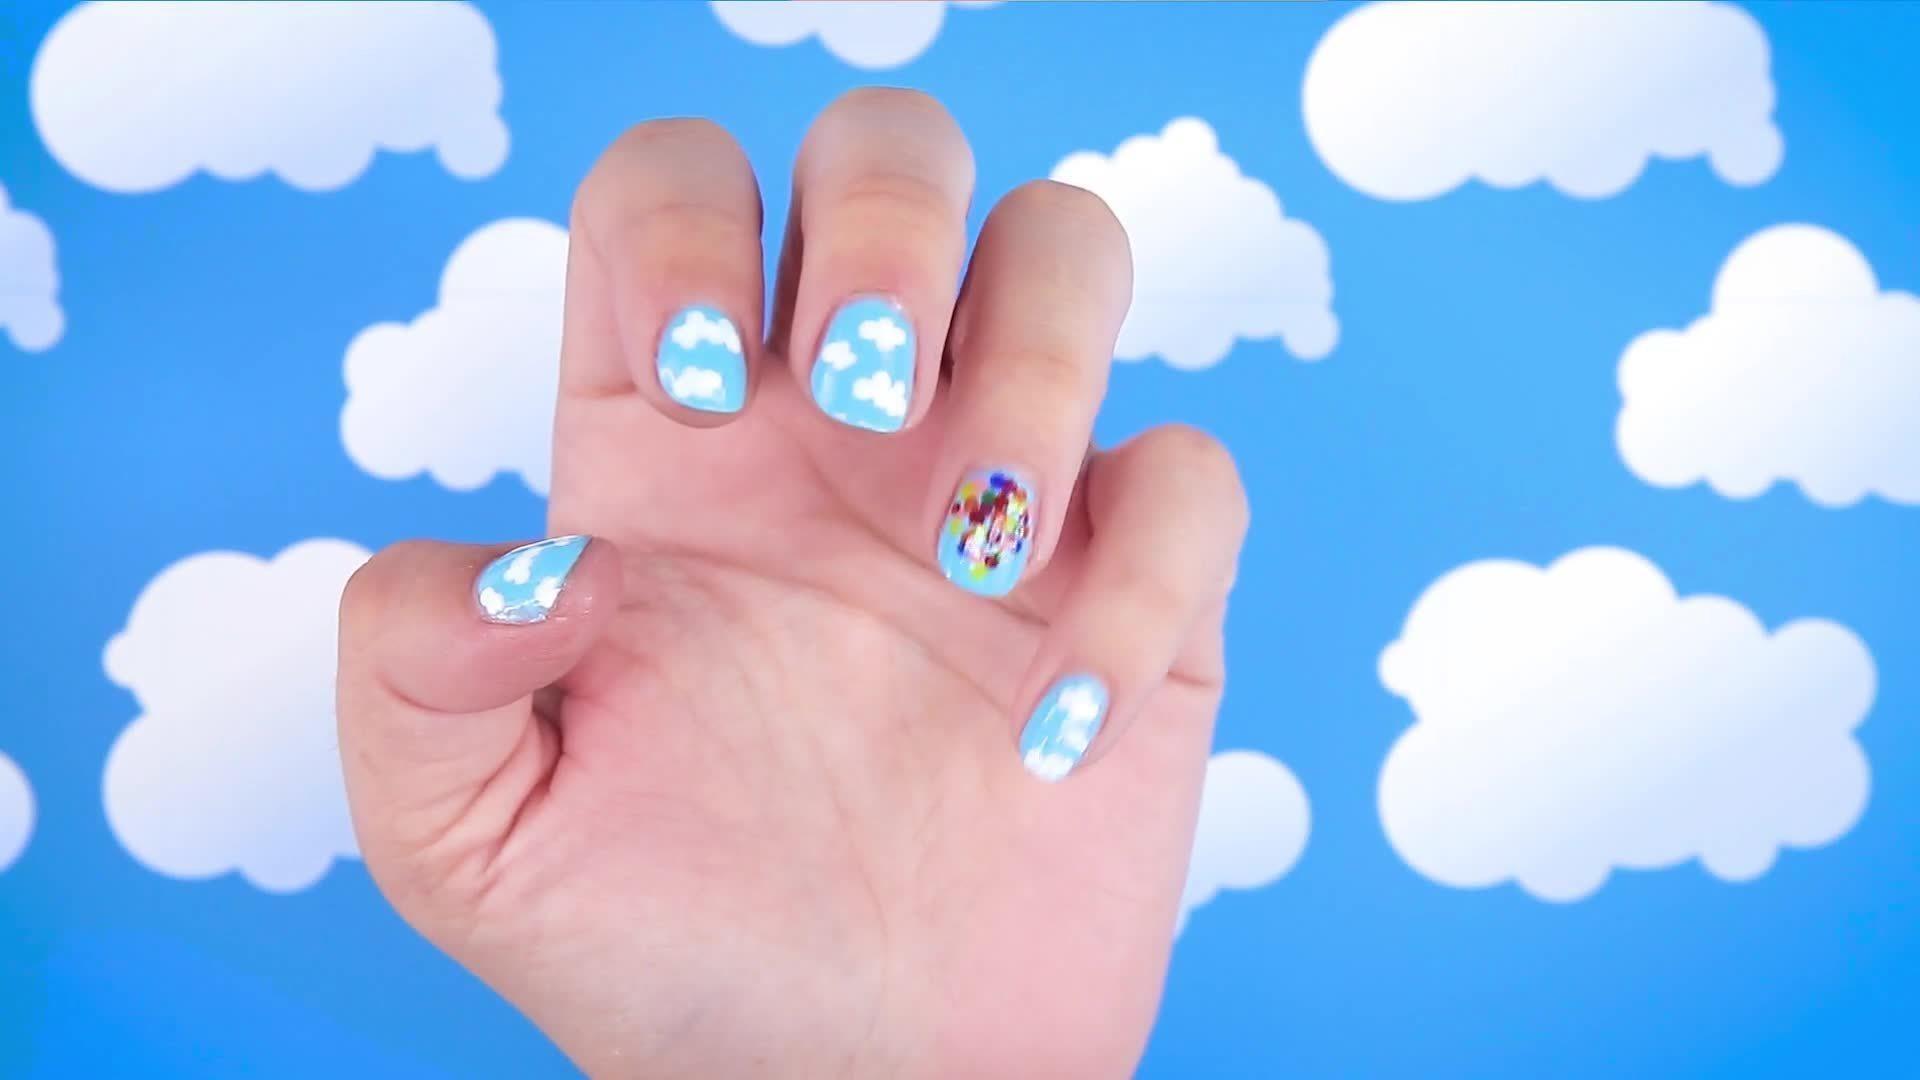 UP-Inspired Nail Art